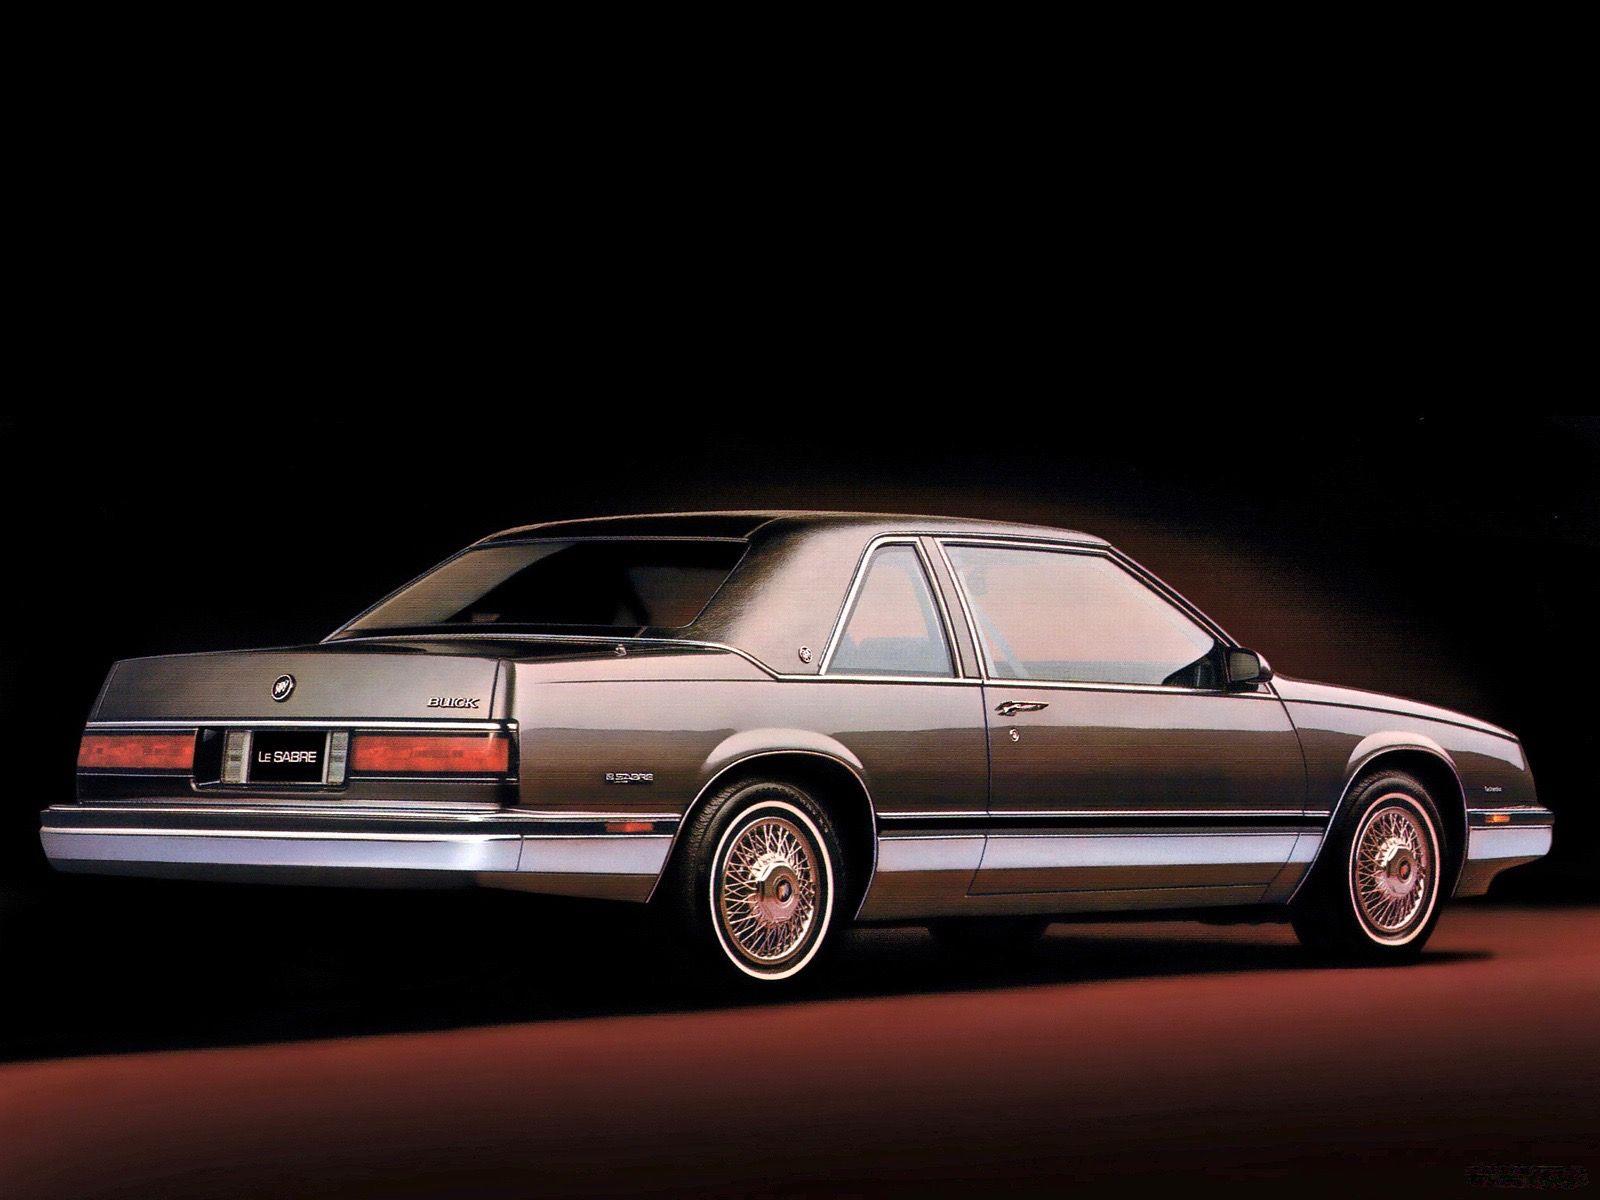 1988 buick lesabre coupe [ 1600 x 1200 Pixel ]